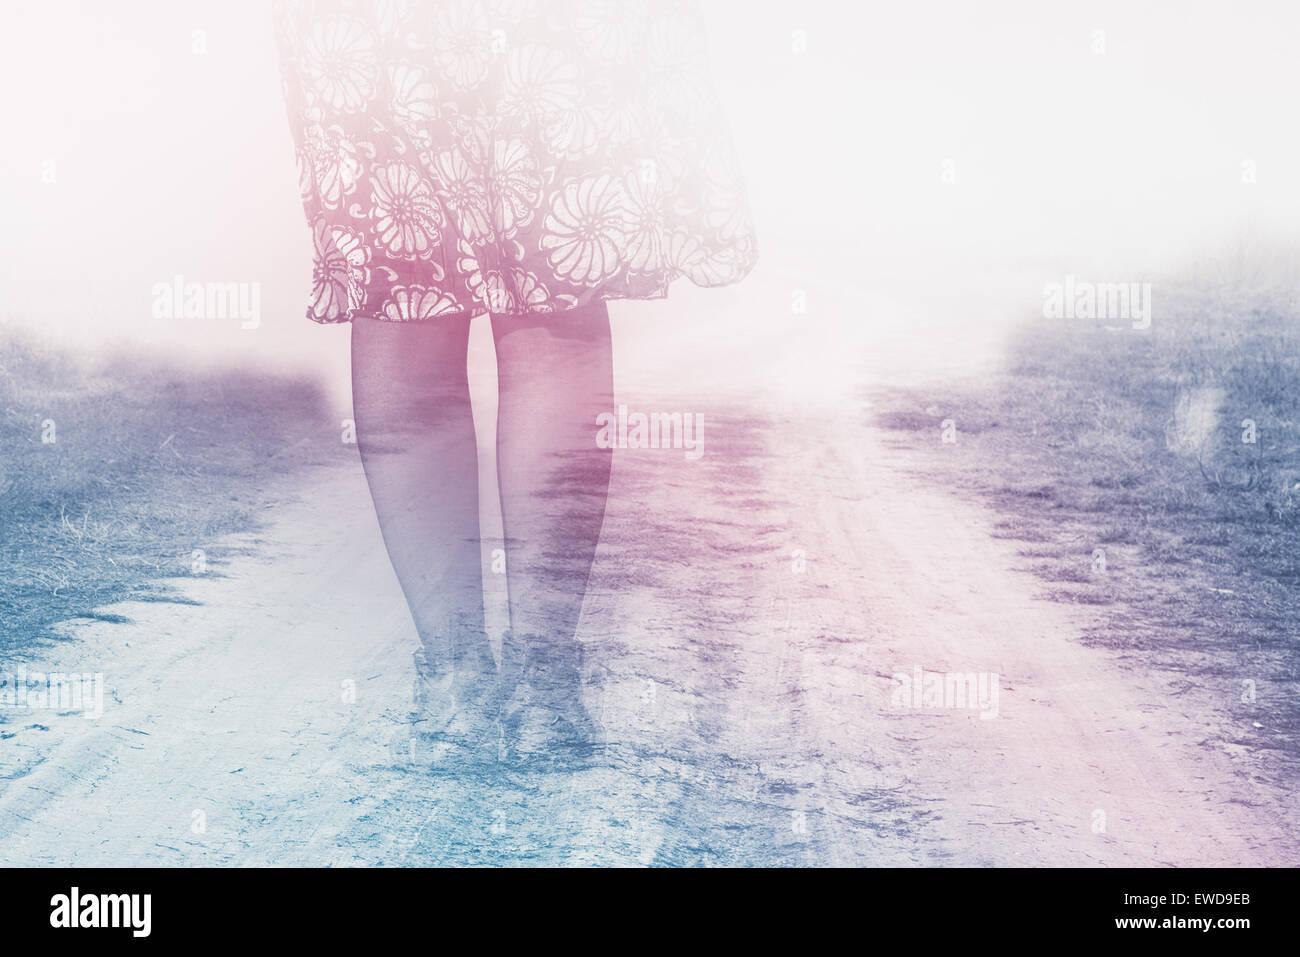 Les jambes des femmes on Country Road to Nowhere, l'Anxiété Concept, double exposition, effet rétro Photo Stock